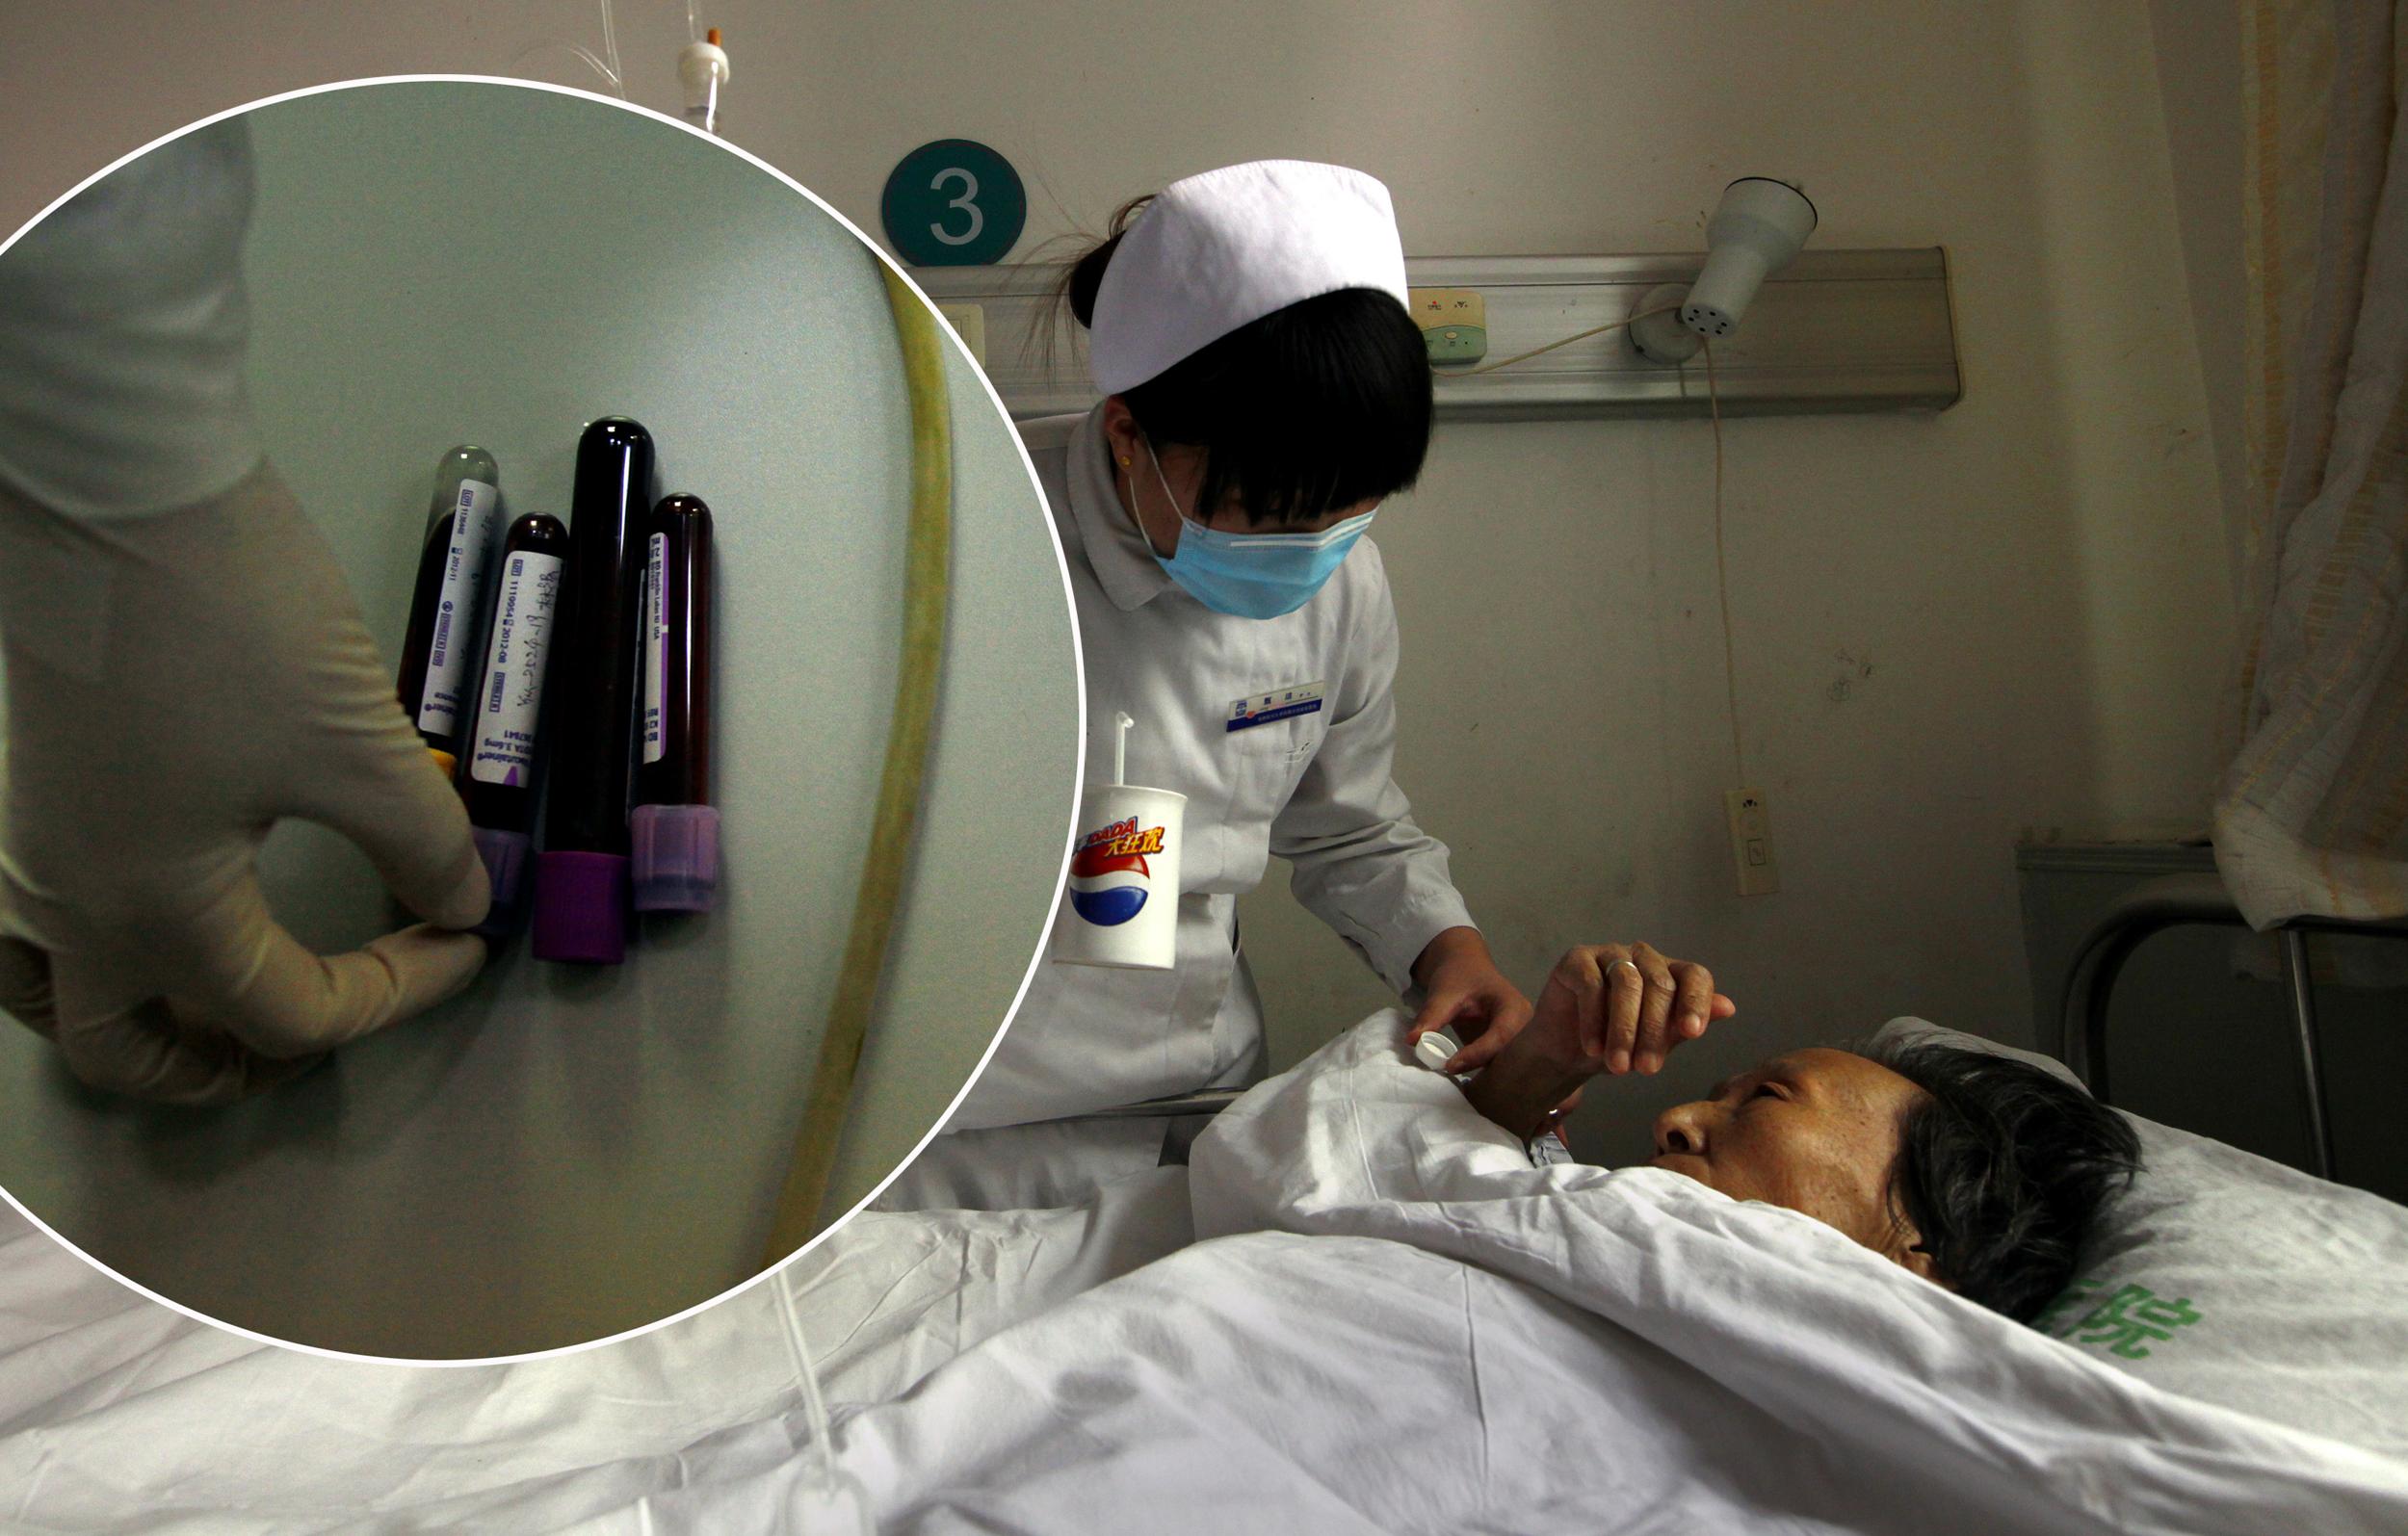 bolnica-pacijent-bolest-hiv